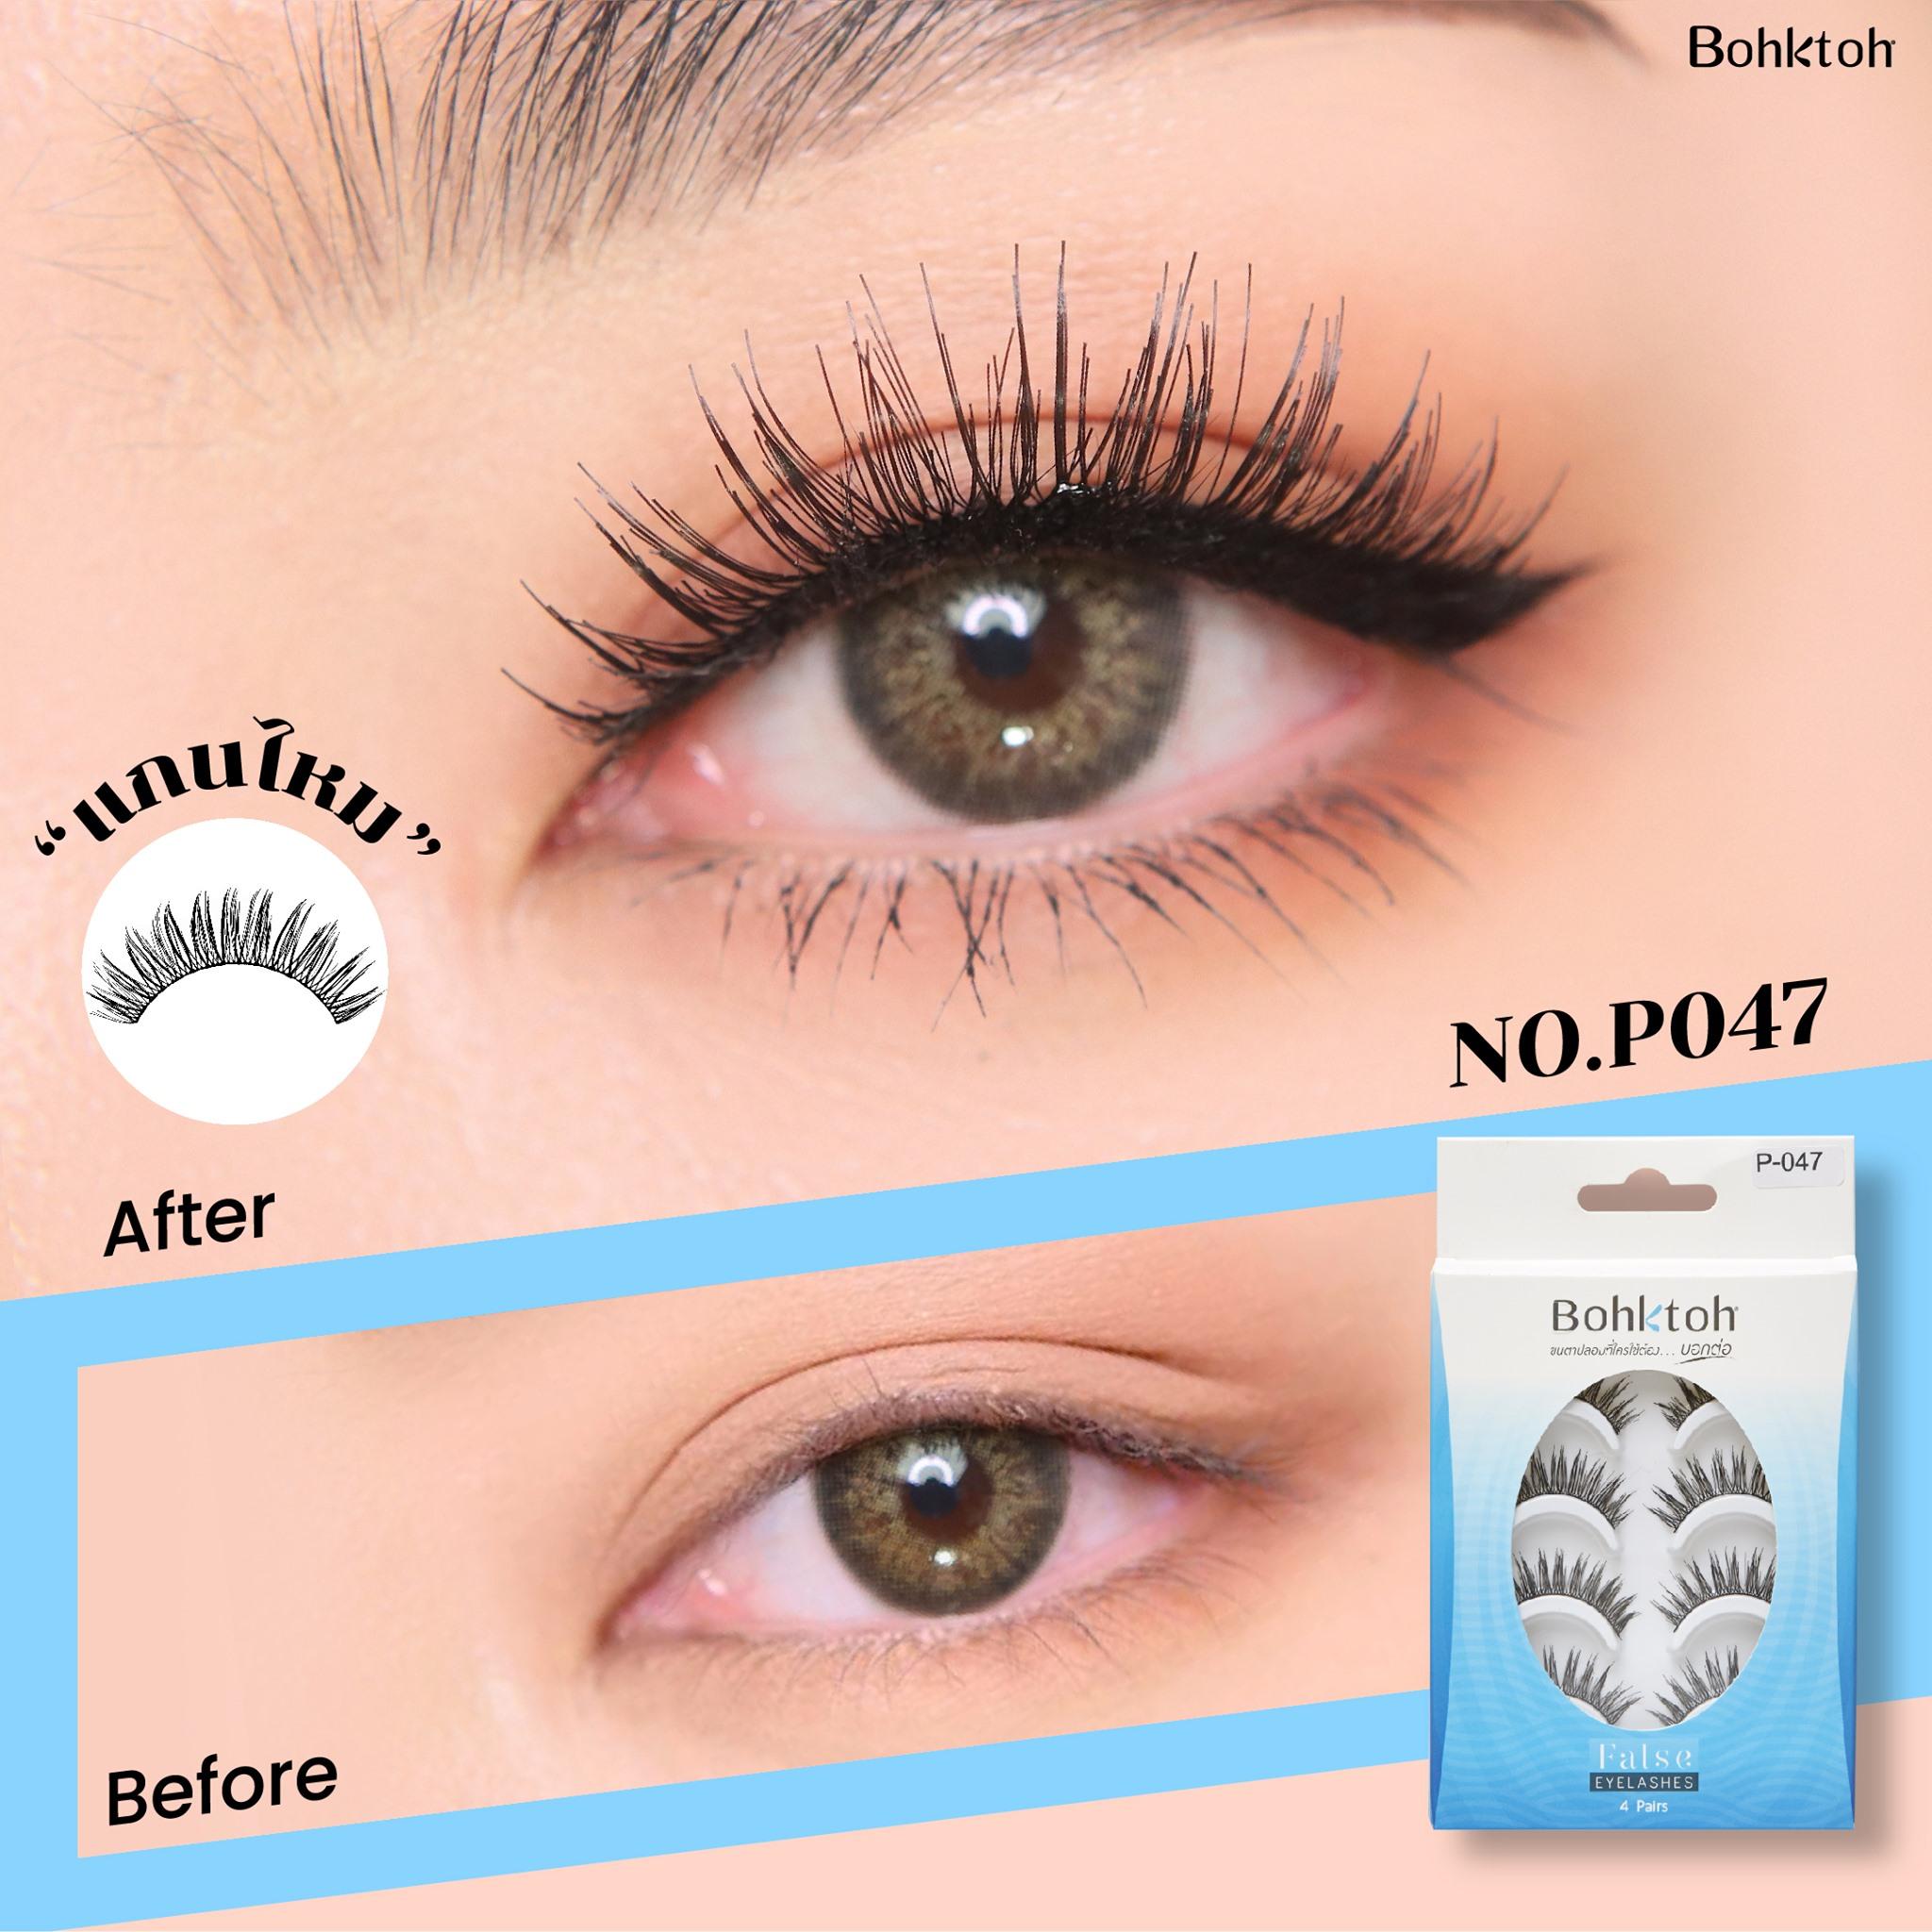 BOHKTOH False Eyelashes P047 (10 คู่)